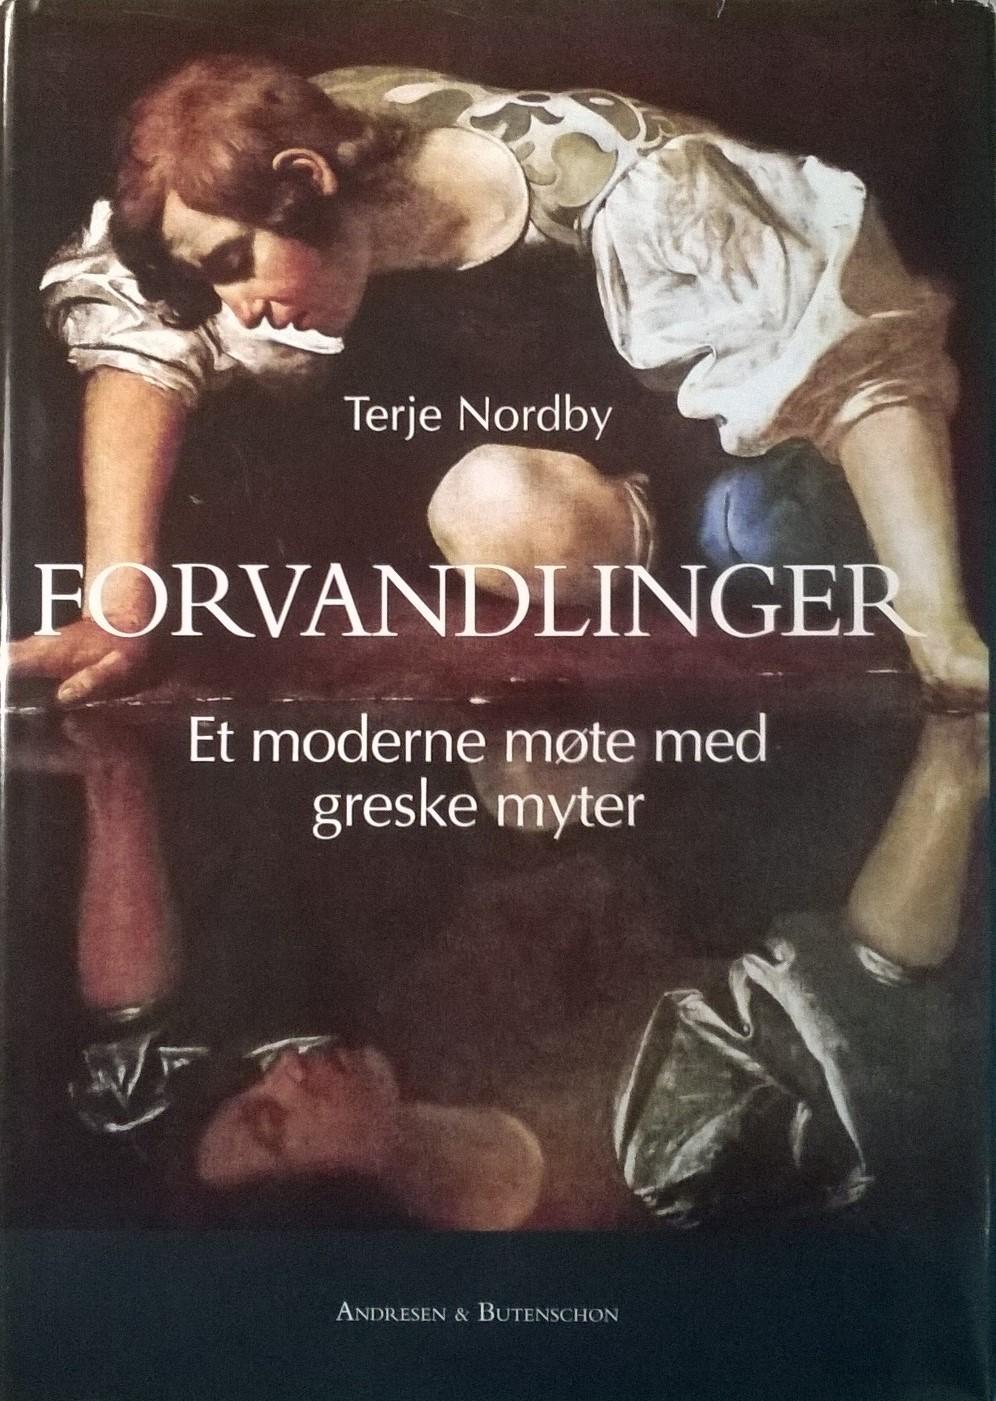 Nordby, Terje Forvandlinger: Et moderne møte med greske myter